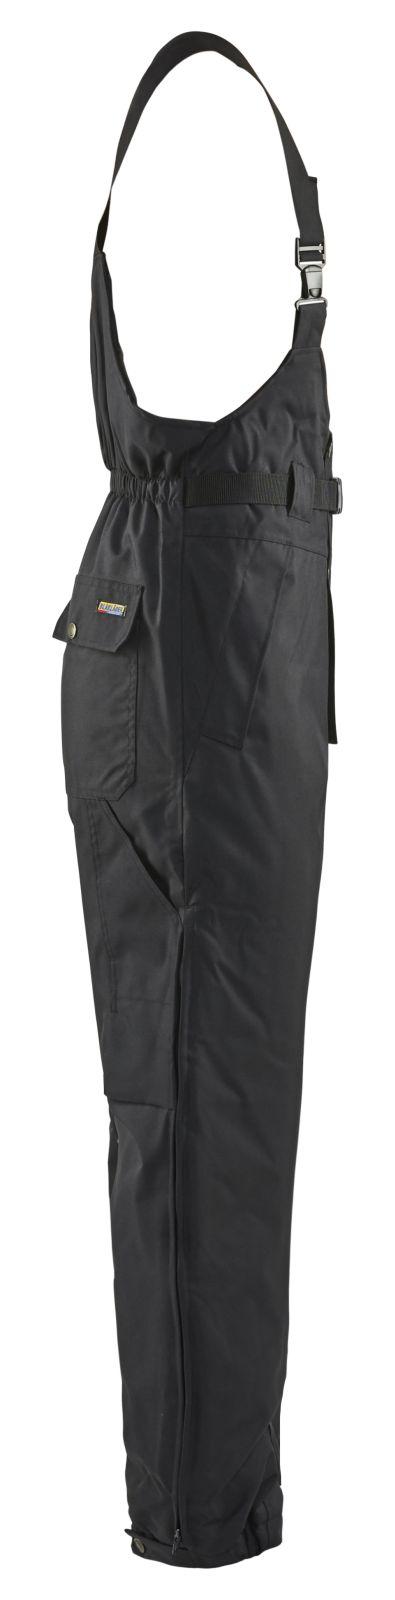 Blaklader Amerikaanse winteroveralls 28101988 zwart(9900)